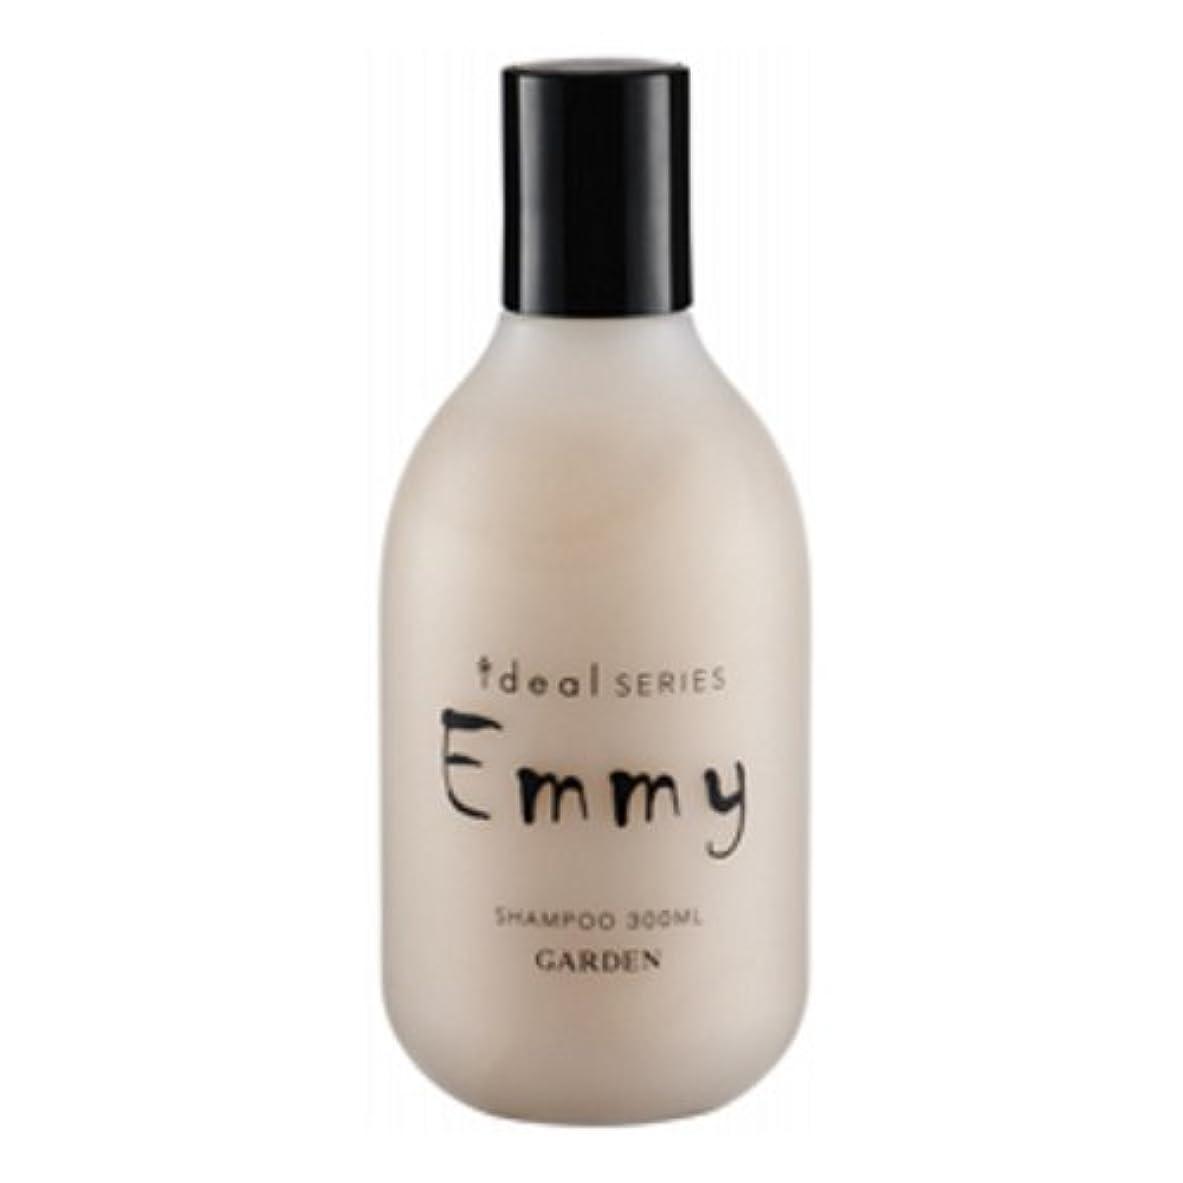 プライム寄り添うボーカルGARDEN ideal SERIES (イデアルシリーズ) Emmy エミー ふんわりベーシックシャンプー 300ml